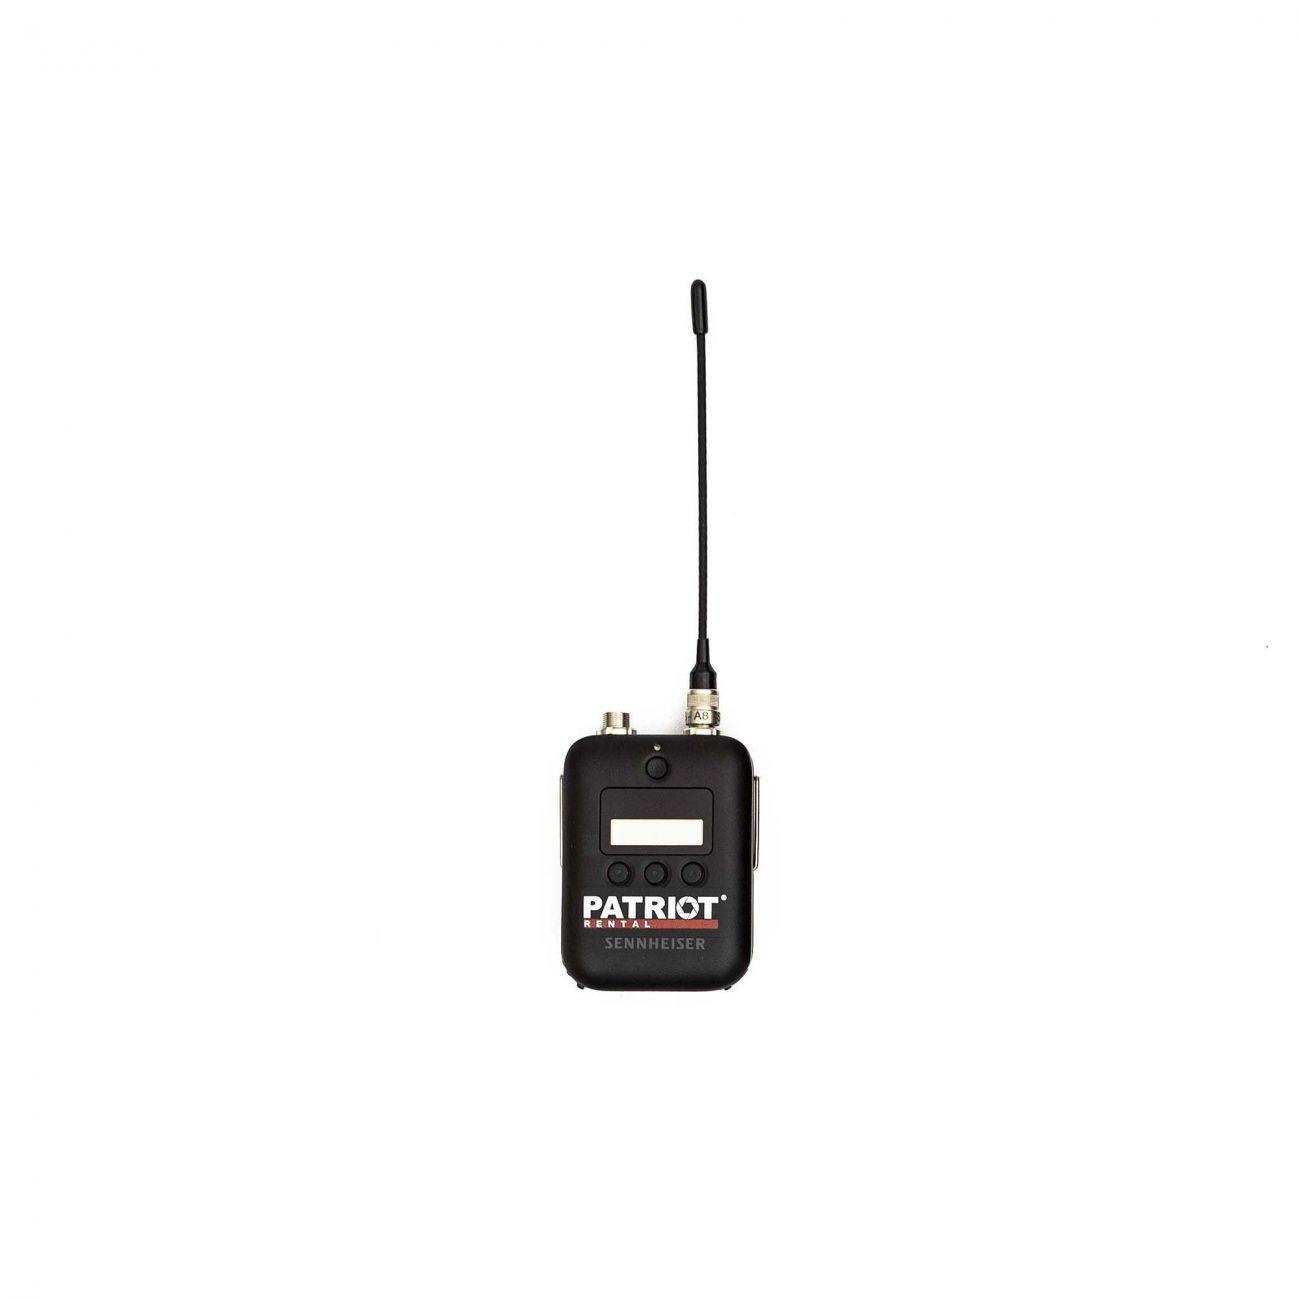 Bodypack transmitter Sennheiser SK 6212